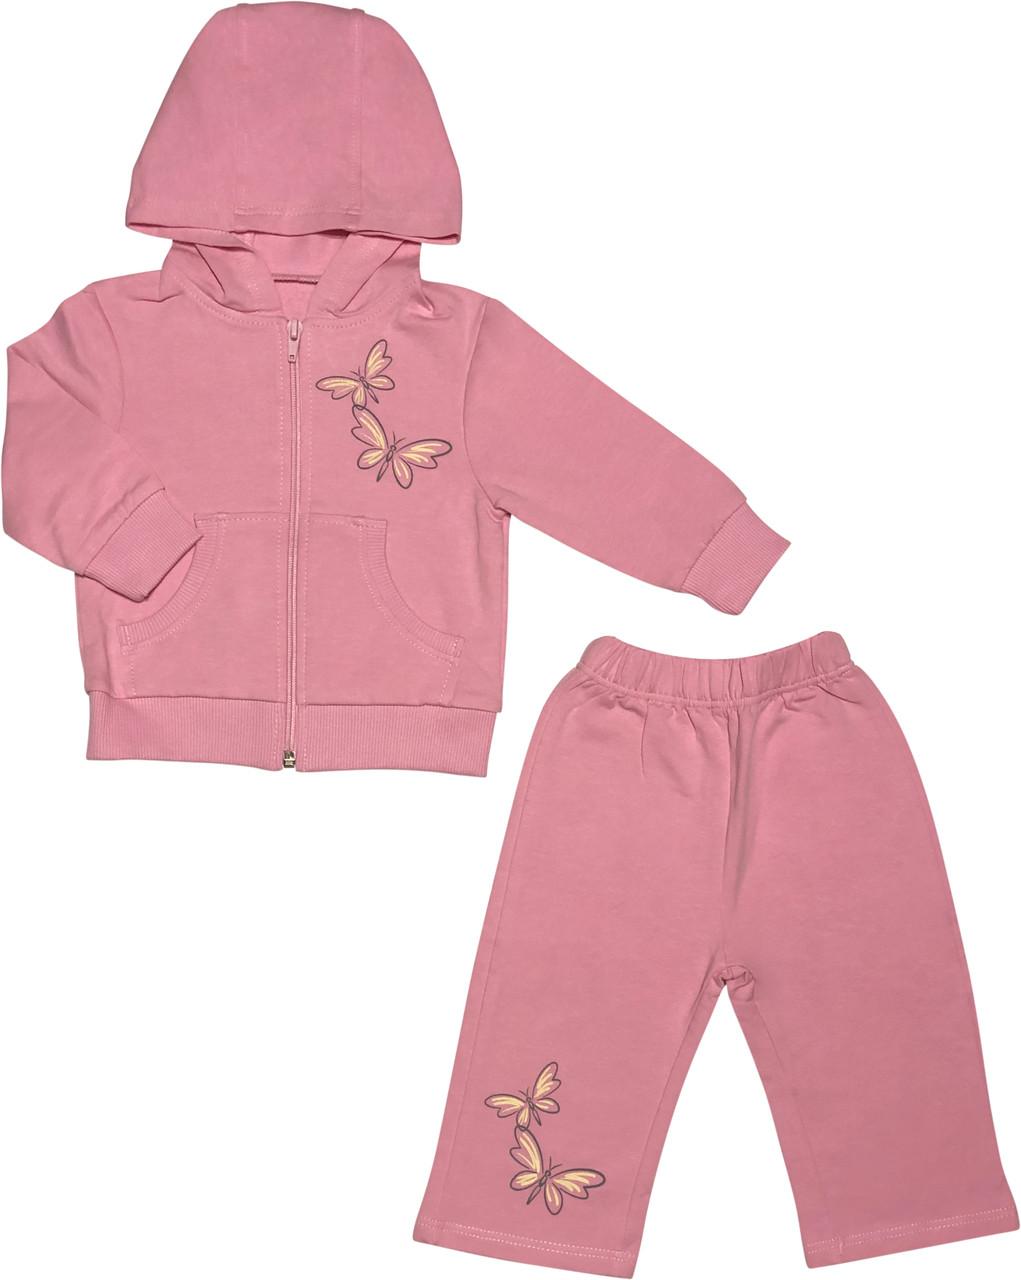 Дитячий костюм ріст 74 6-9 міс трикотажний рожевий костюмчик на дівчинку комплект для новонароджених малюків